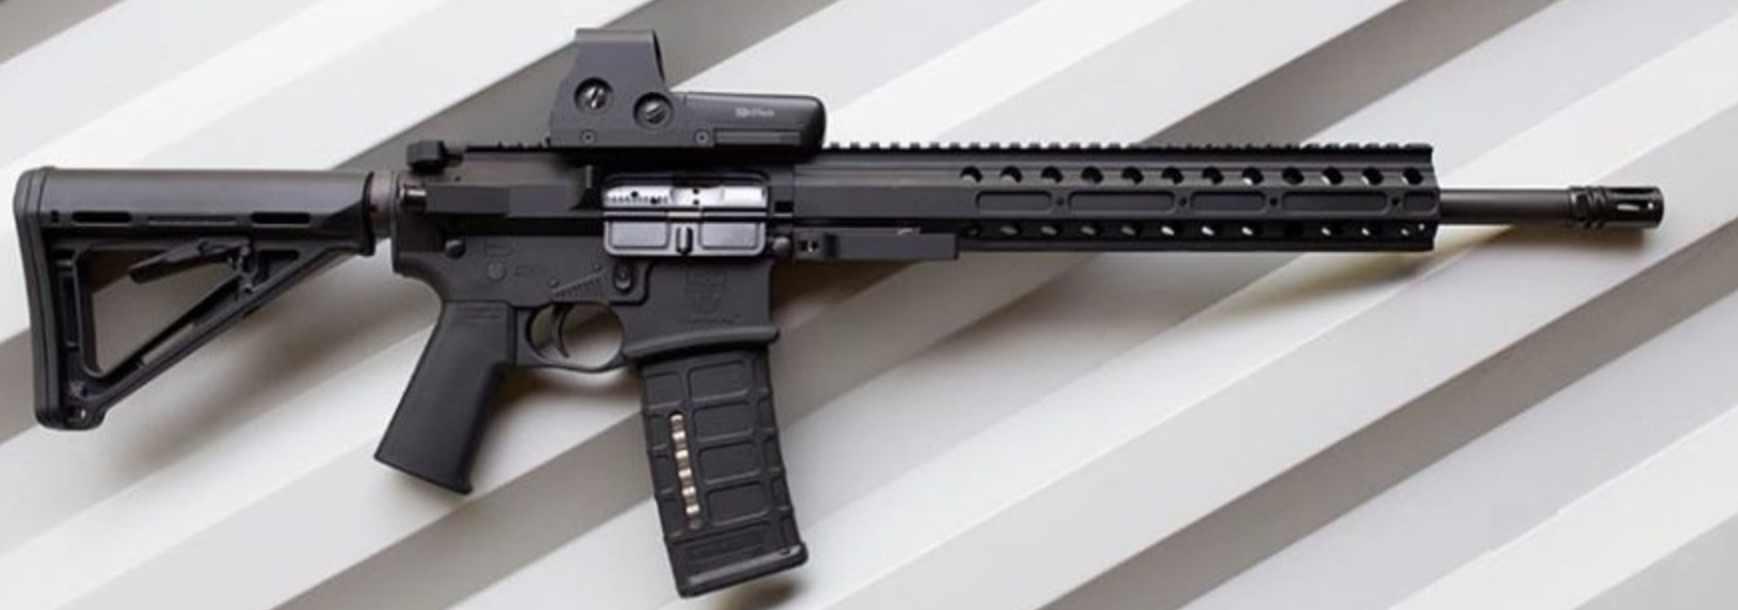 17hmr scope